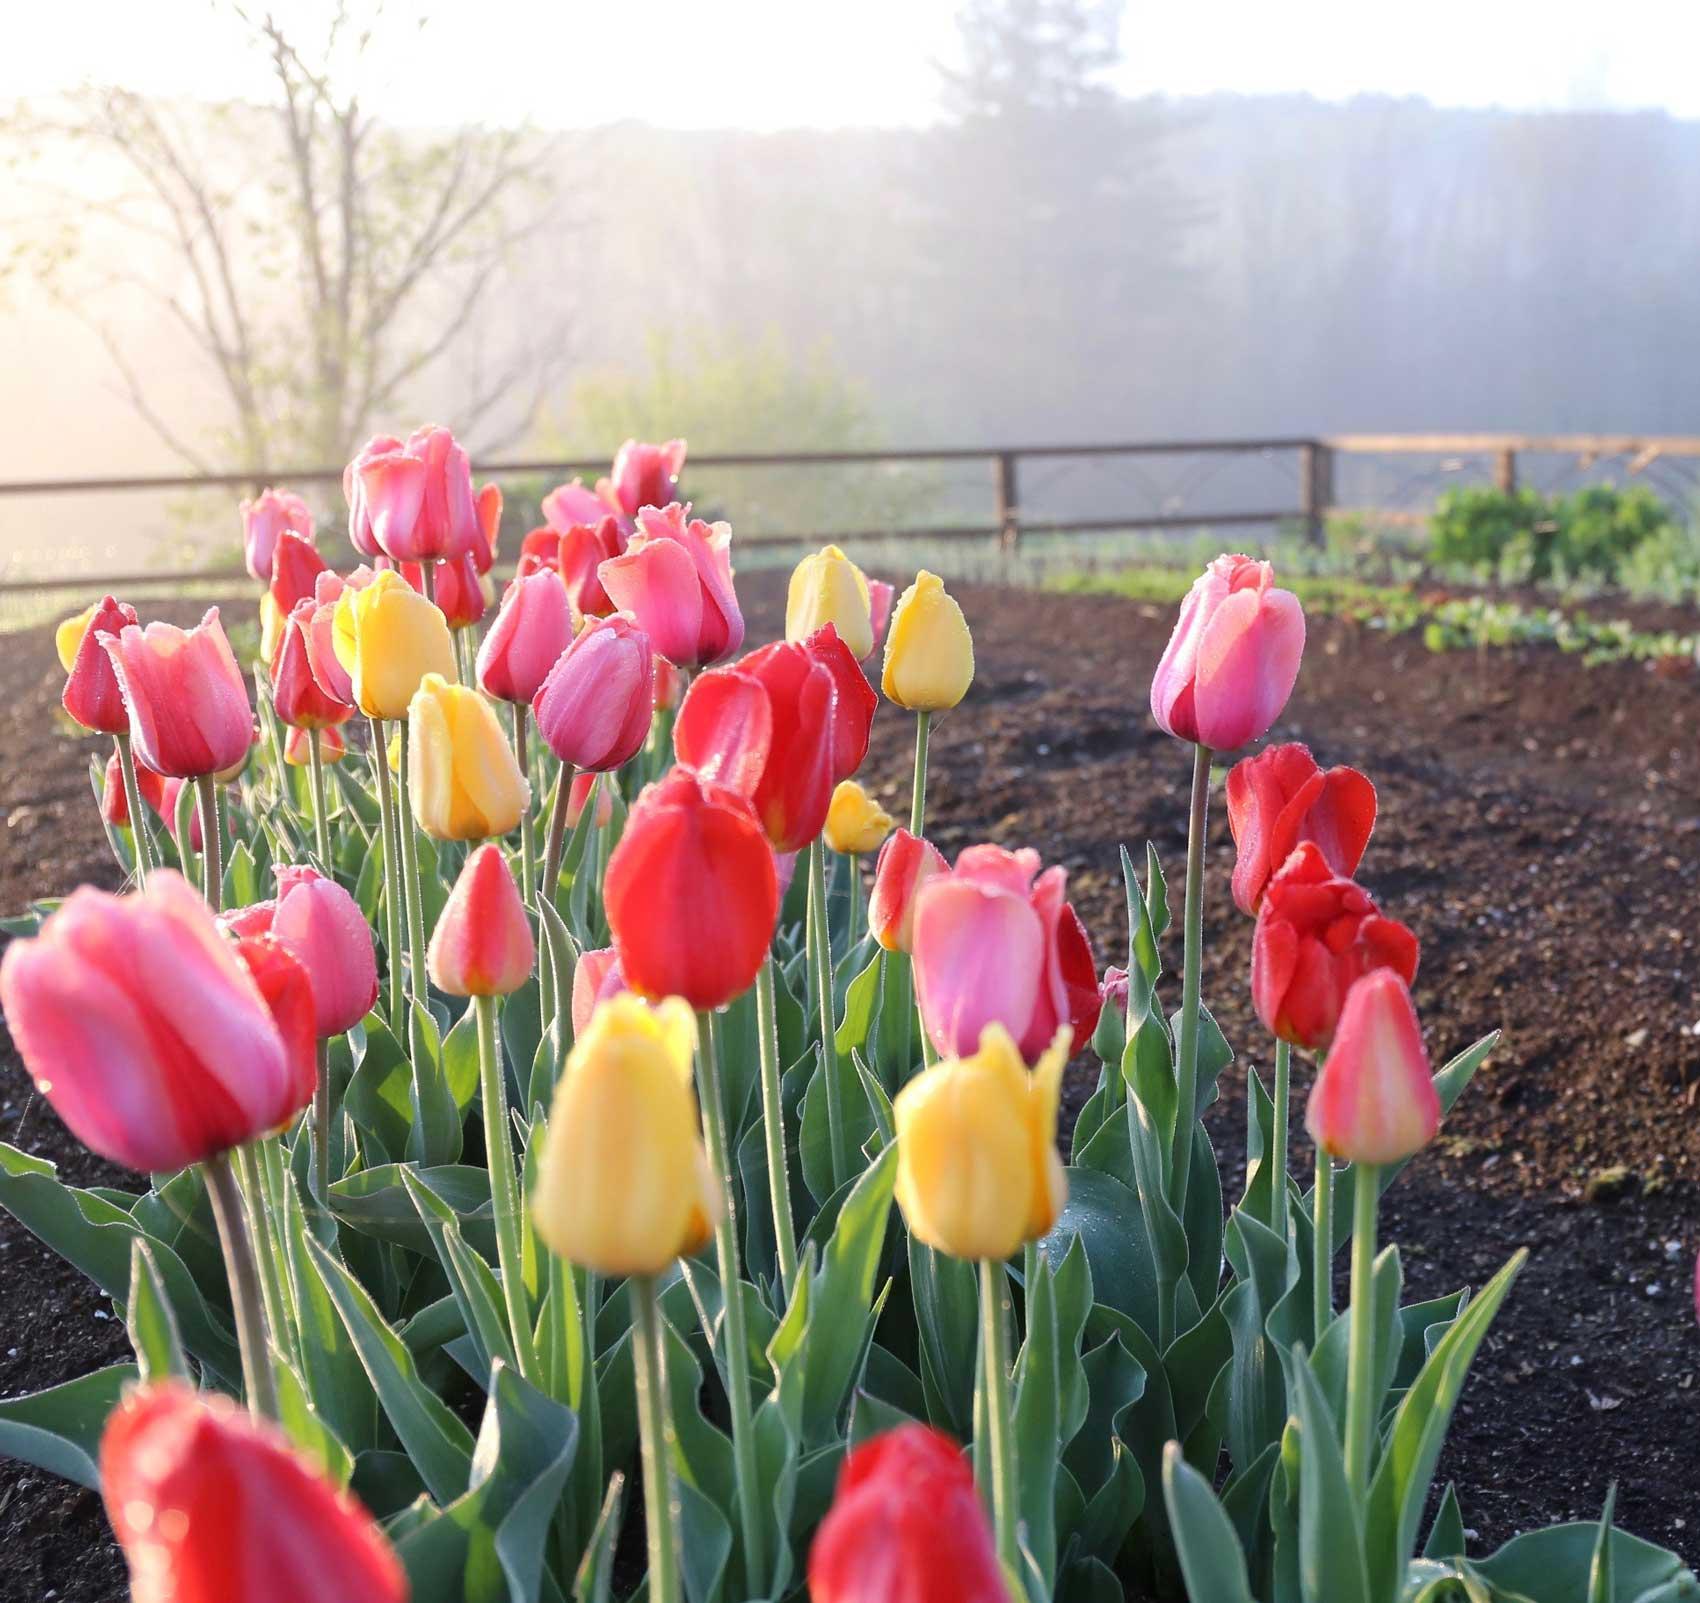 tulips-in-vegetable-garden.jpg